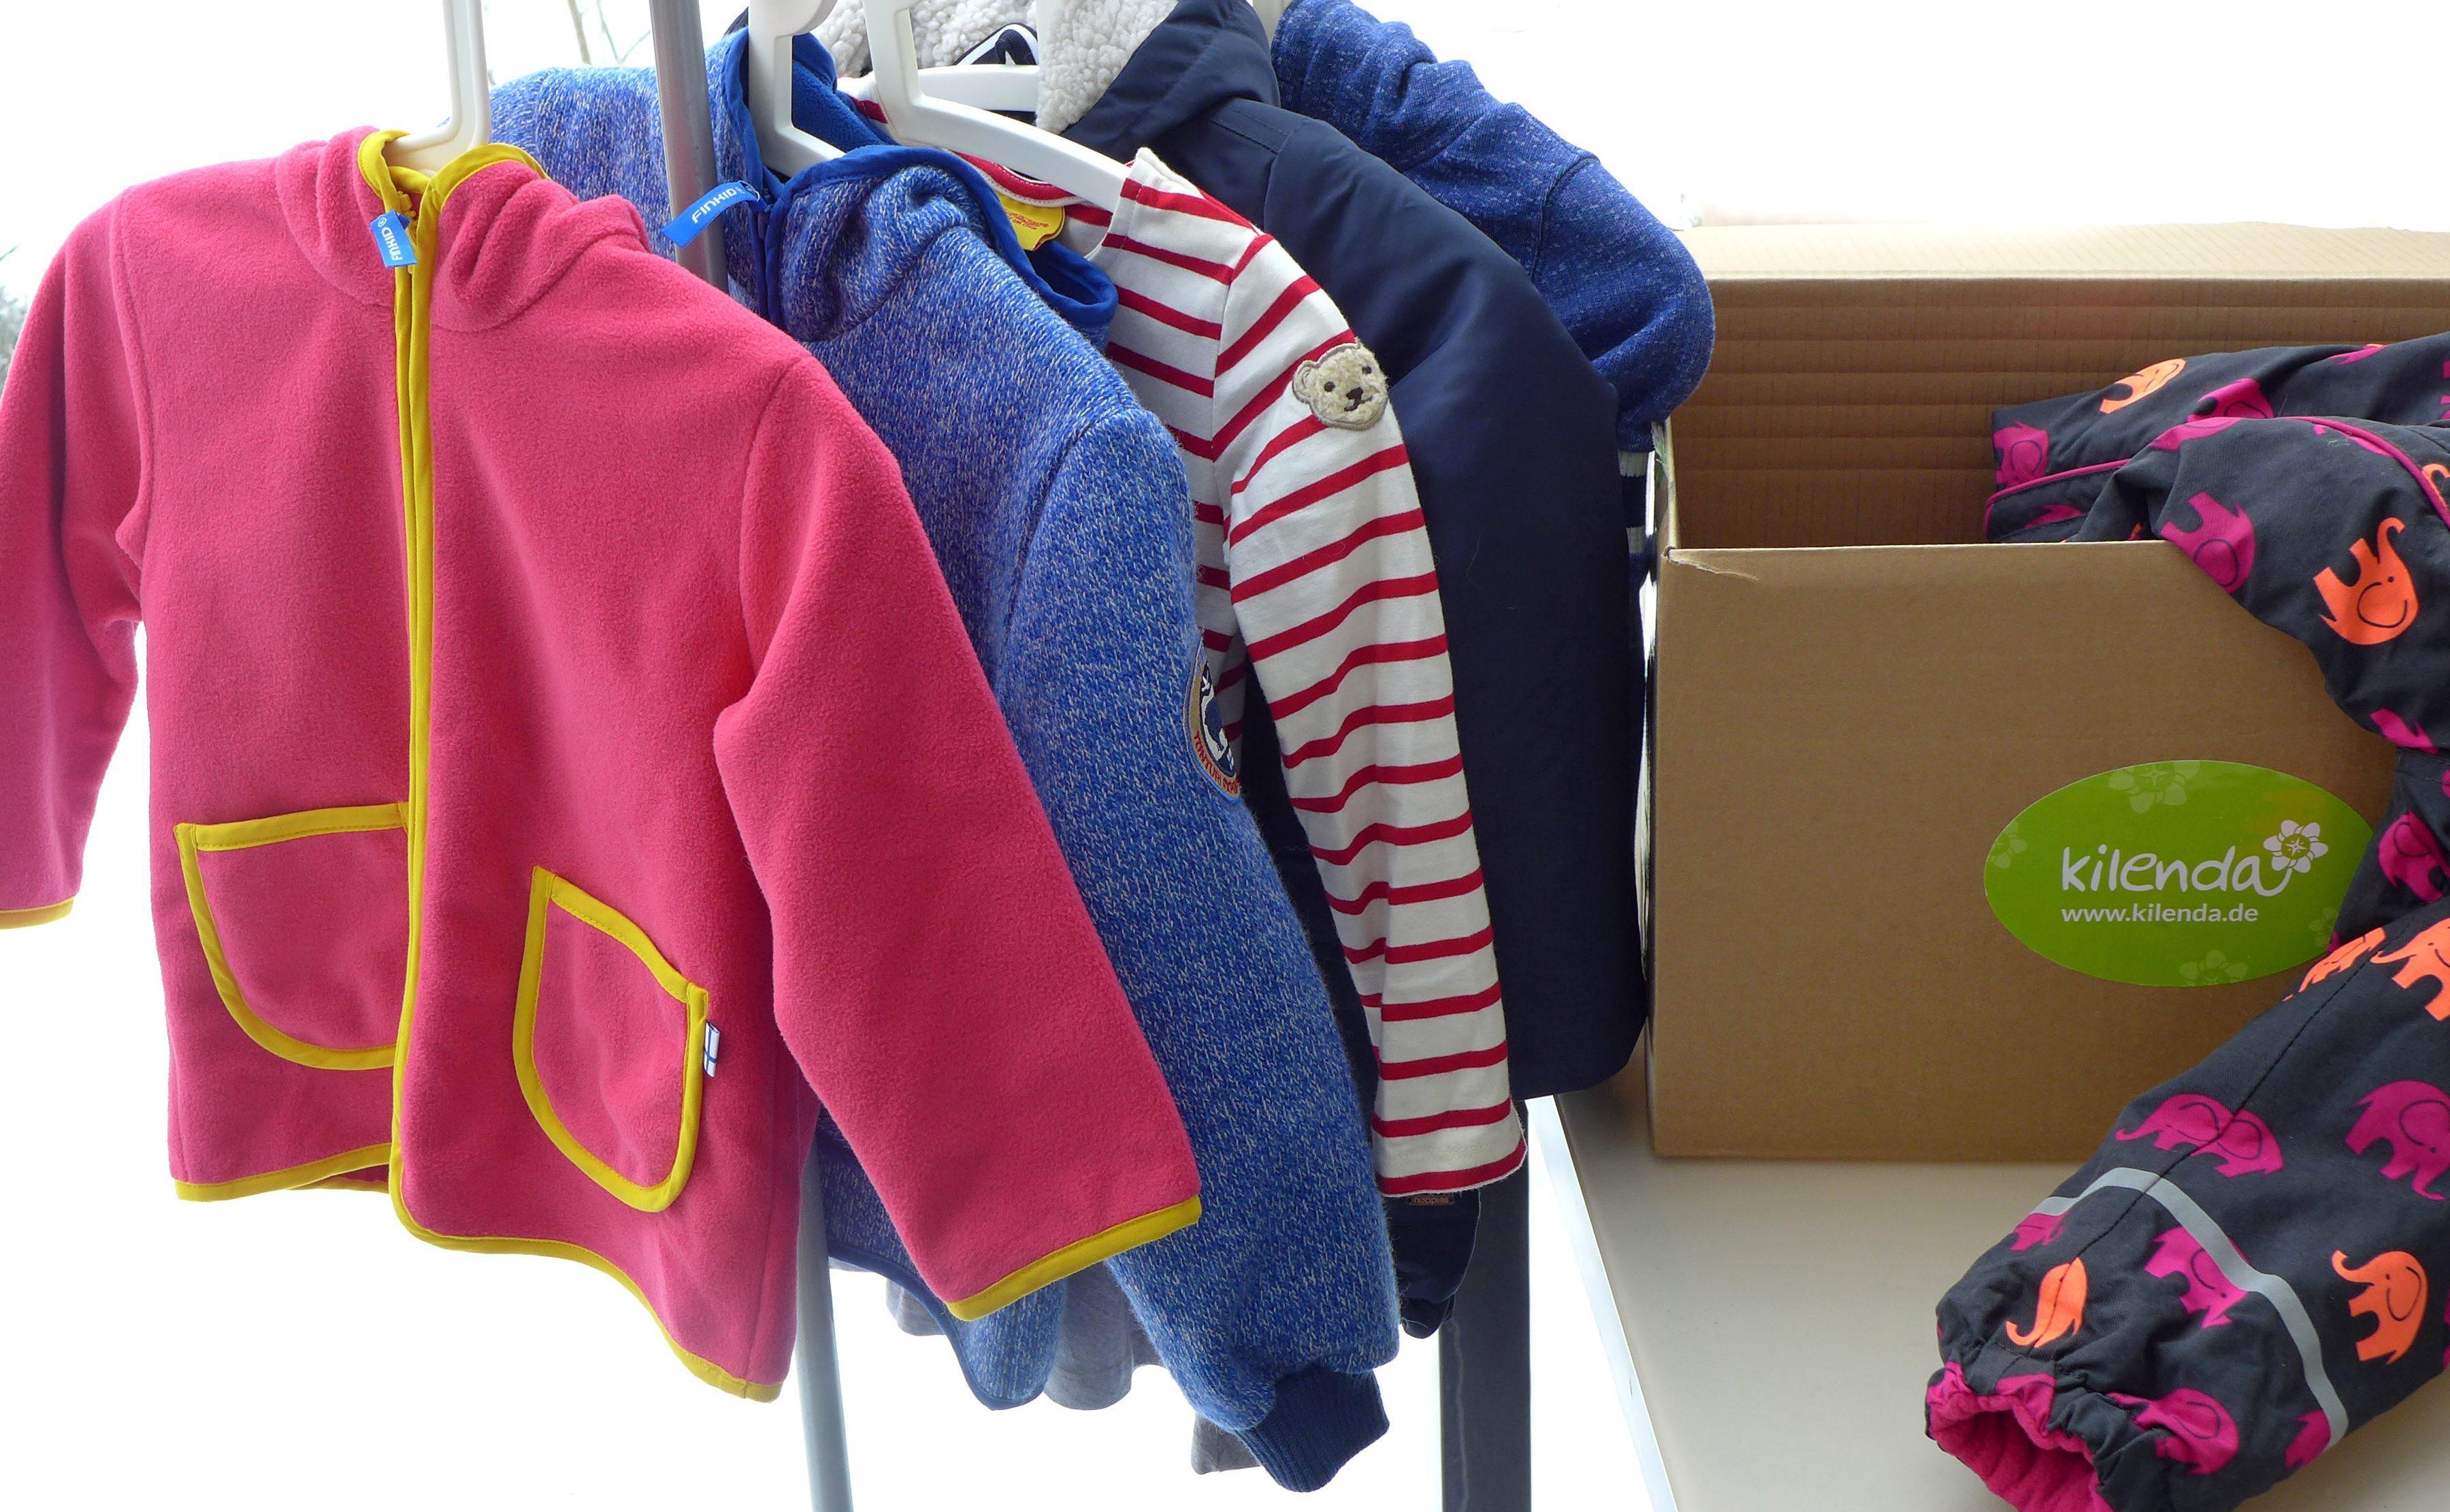 Kinderkleidung mieten, Babykleidung mieten, kilenda, Erfahrungen kilenda, Test kilenda, Kinderkleidung ausleihen, Mamablog, Modeblog, Mamastyle, Kidsstyle, Modemama, Finkid, Steiff, Schneeanzug